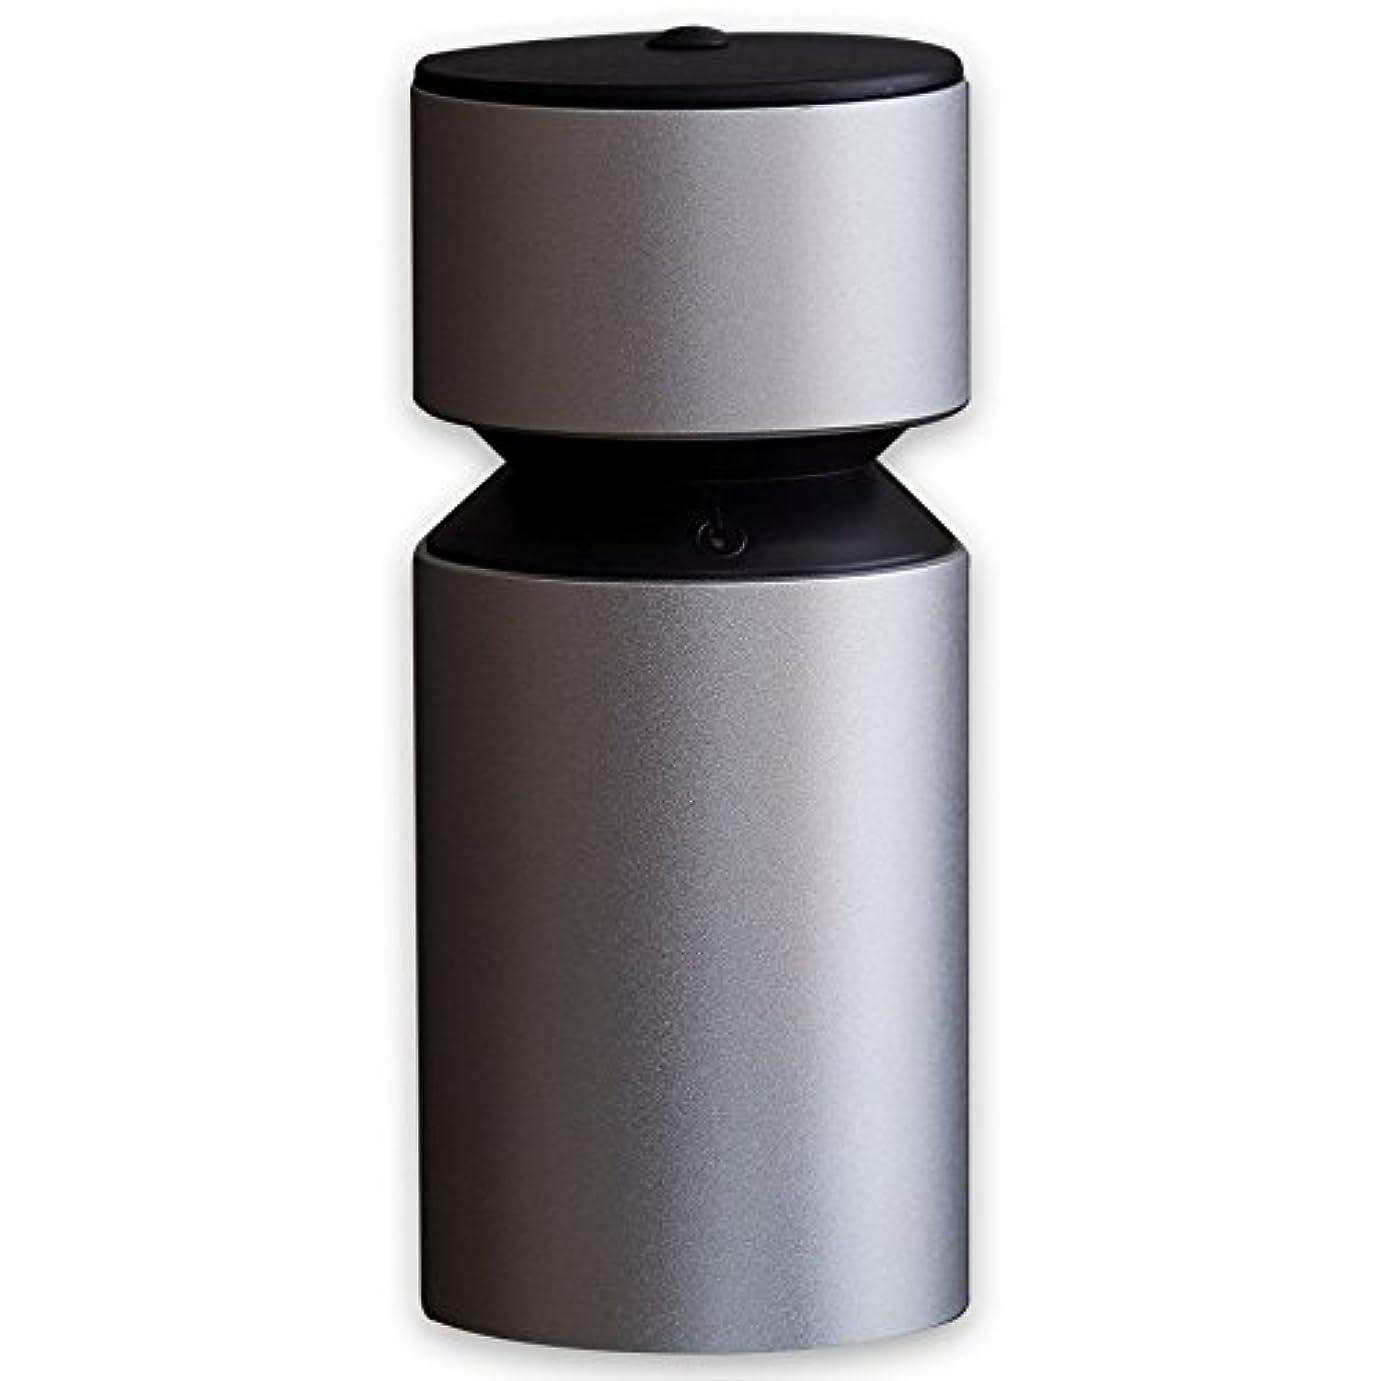 枯渇する好み年アロマディフューザー UR-AROMA03 卓上 小型 加湿器 Uruon(ウルオン) オーガニックアロマオイル対応 天然アロマオイル AROMA ポータブル usb コンパクト 充電式 タンブラー 2way アロマドロップ方式